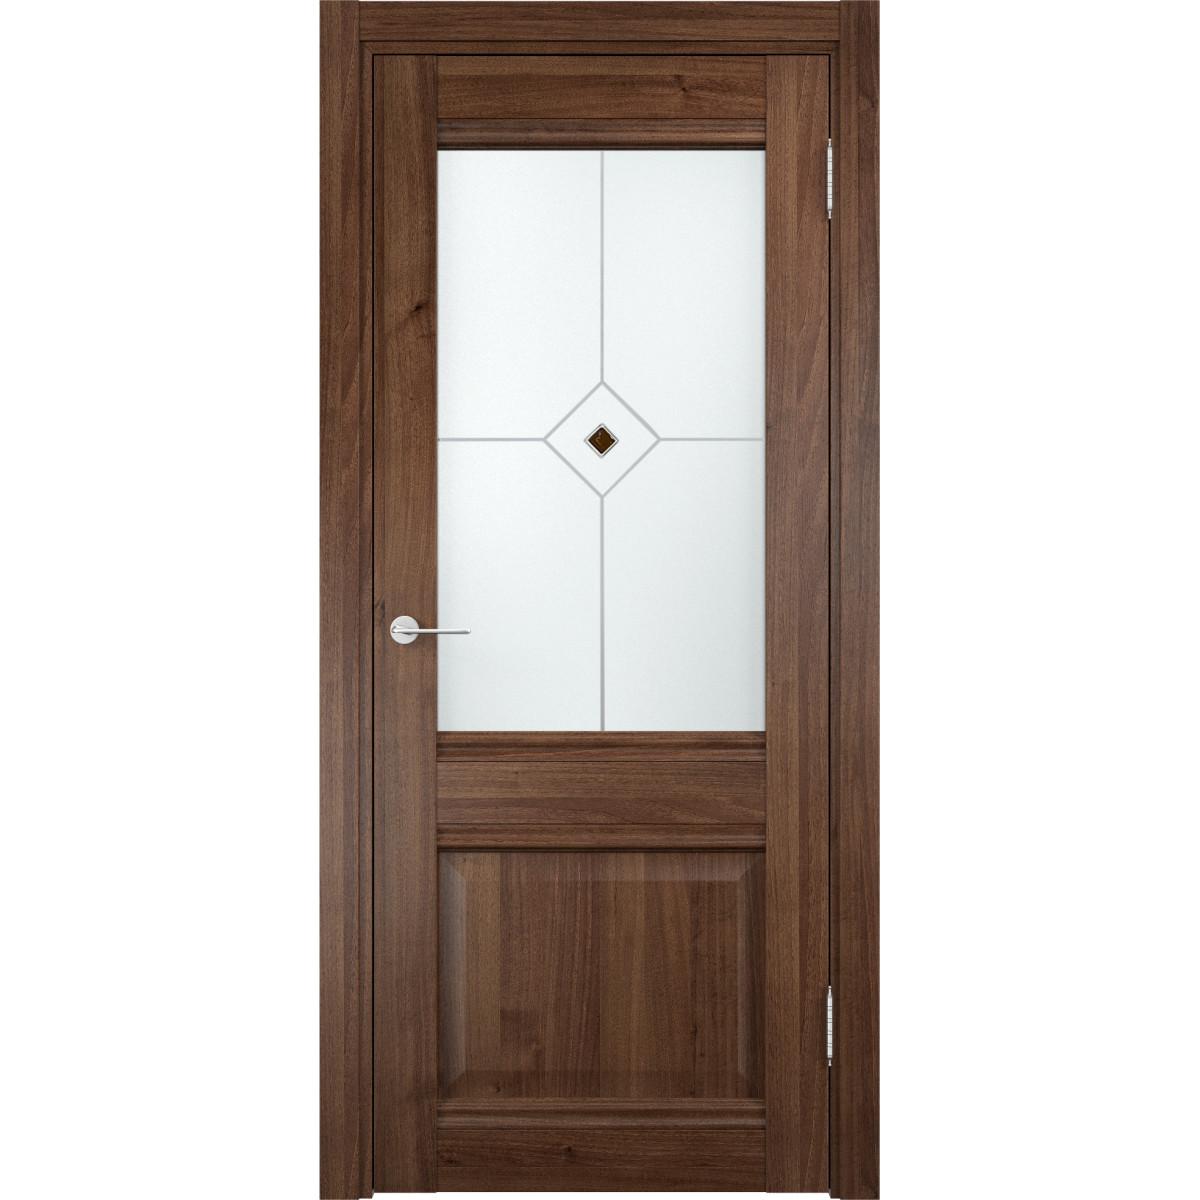 Дверное полотно Casaporte Милан МП_0177 2000х700х44 мм МДФ